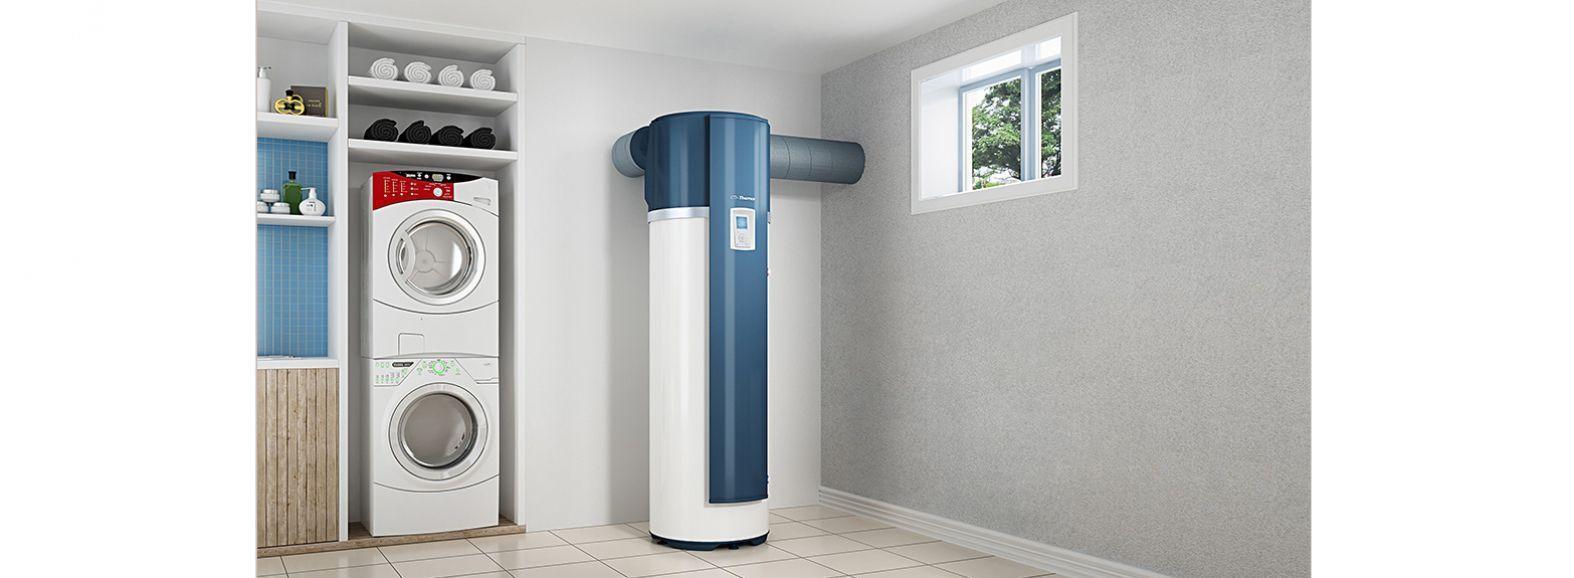 chauffe eau aeromax 4